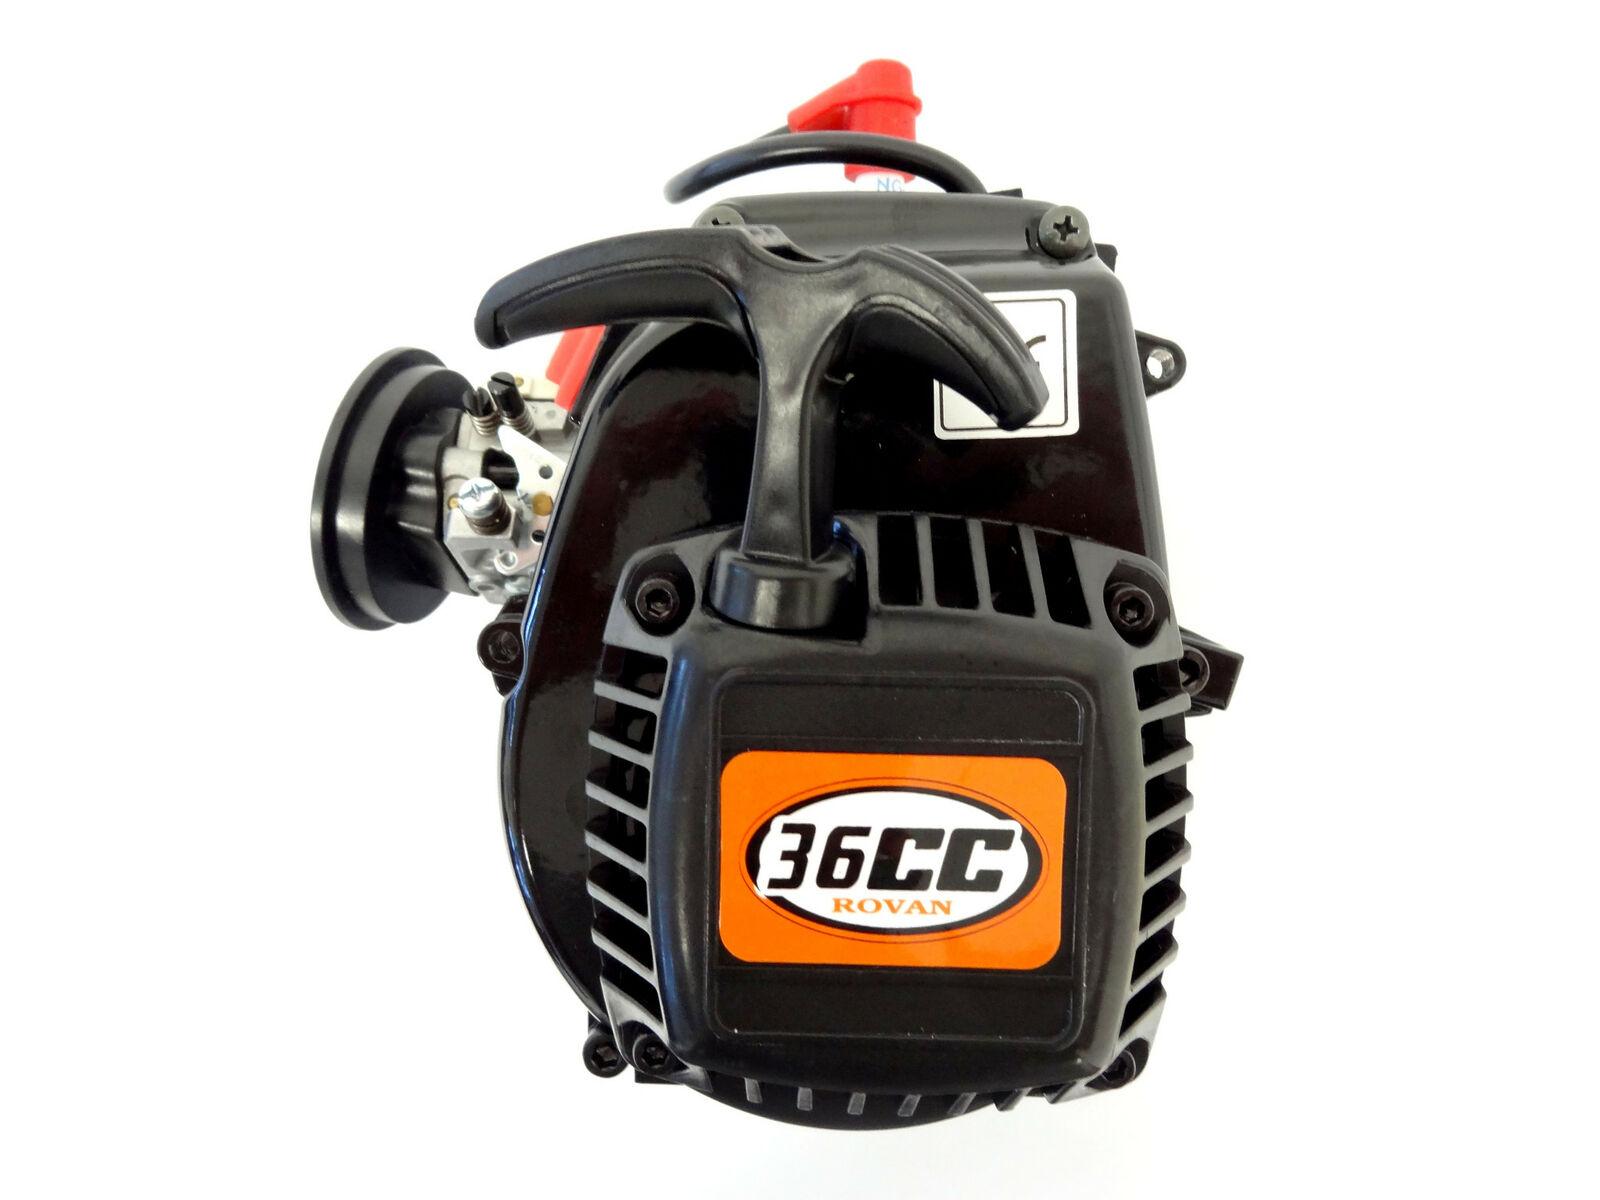 Rovan 36cc 4 Bolt Motor Engine Fits Hpi Baja 5b 5t King Motor For Sale Online Ebay